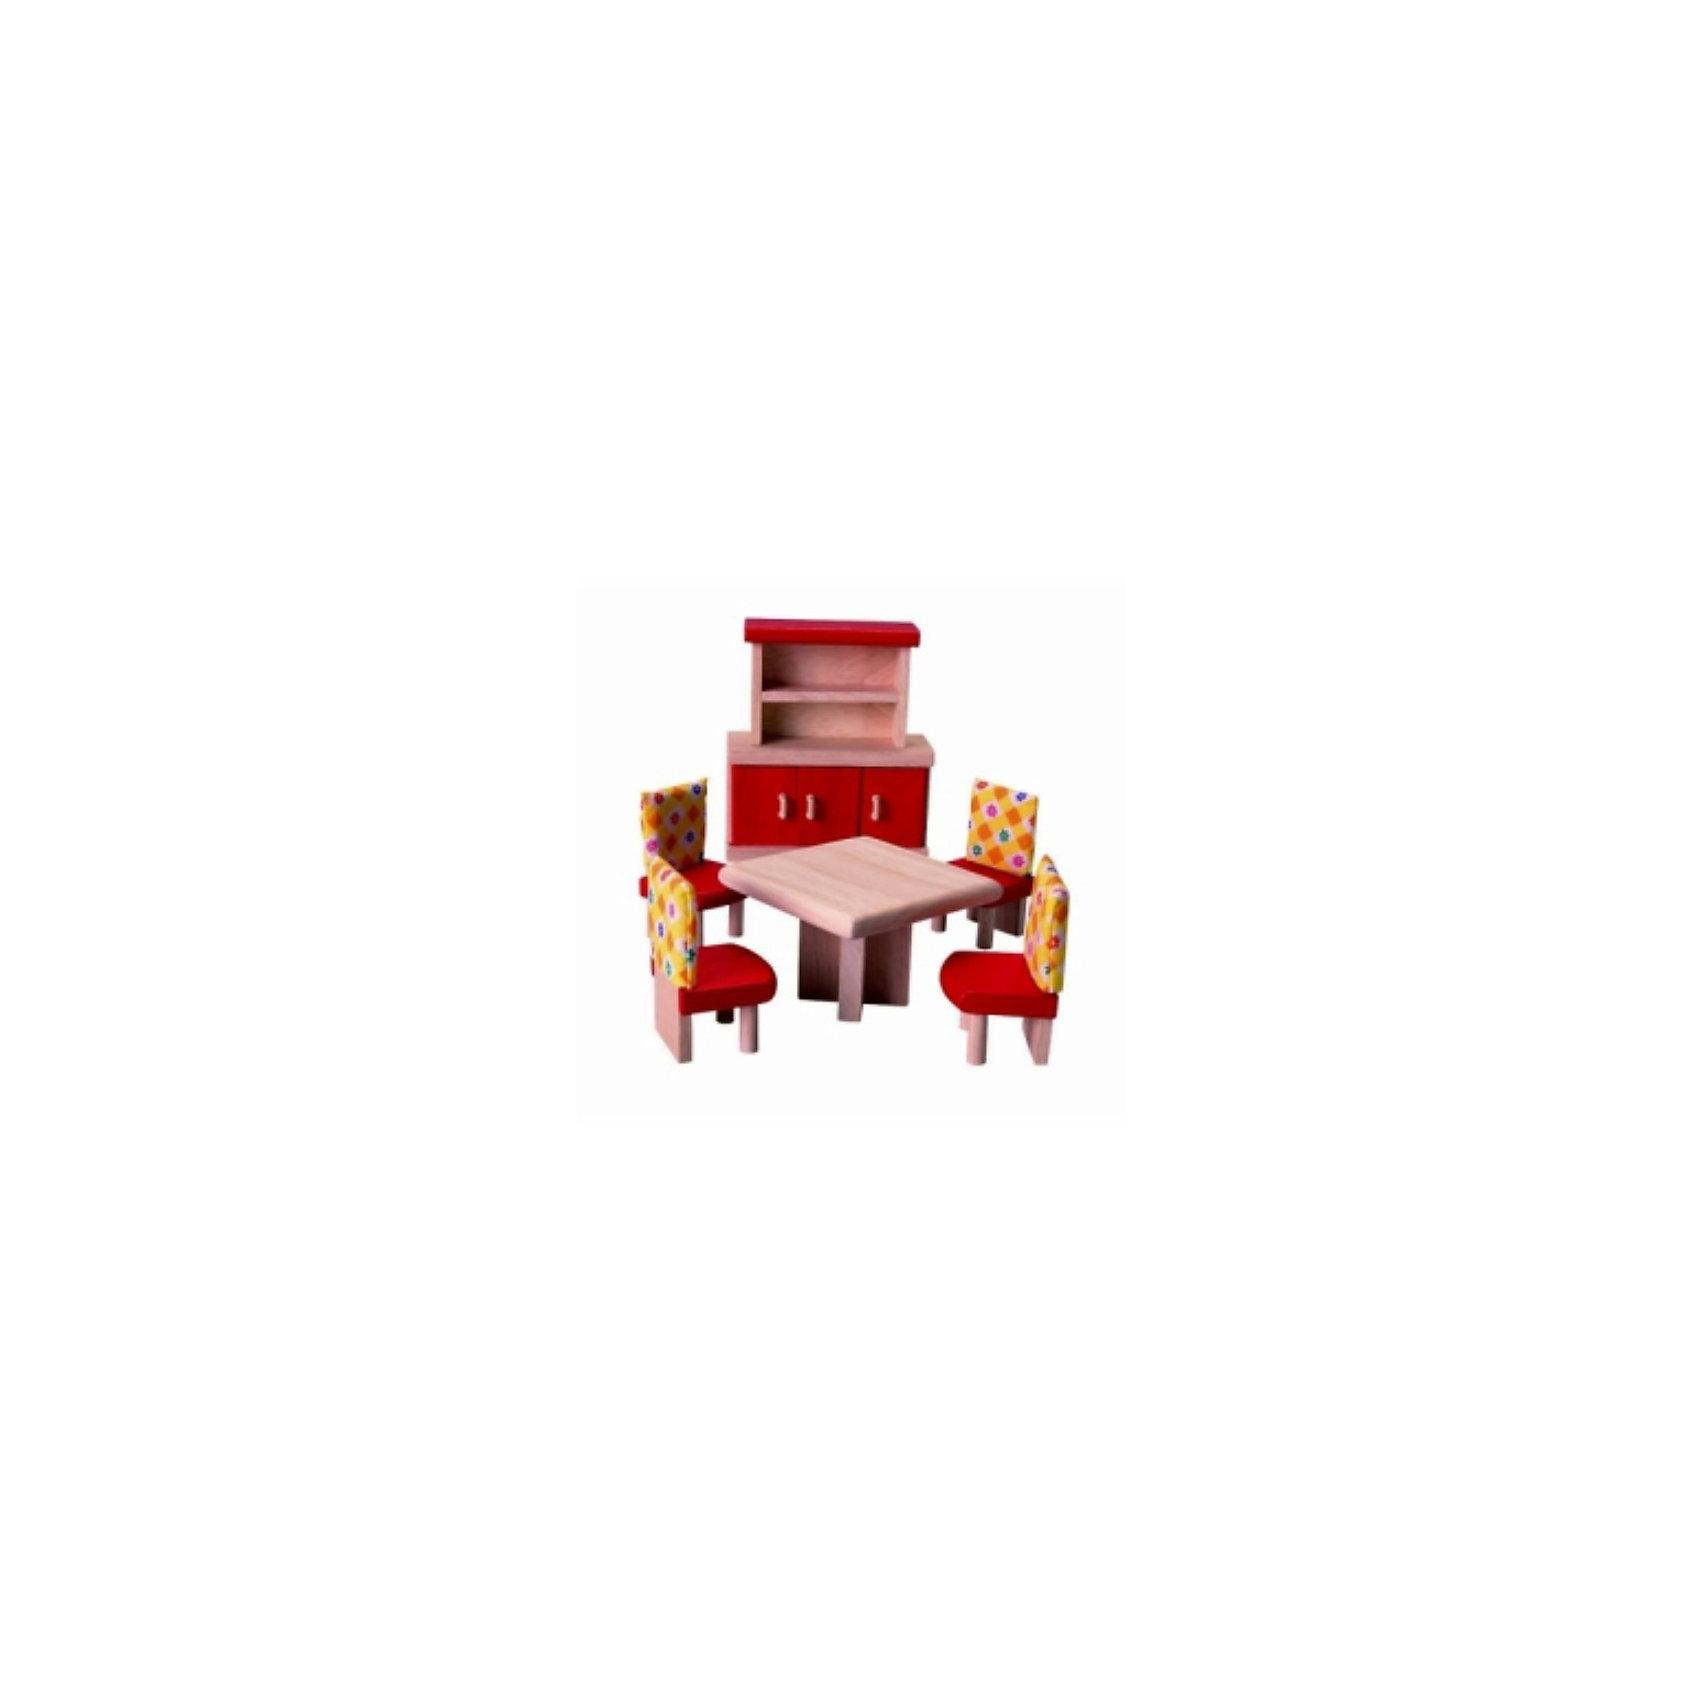 PLAN TOYS 7306 Набор мебели для столовойНабор каучуковой мебели для столовой от PLAN TOYS.<br><br>В набор входит деревянный стол, четыре стула, обитые хлопковой тканью, и буфет. Набор отлично дополнит кукольный домик.<br><br>Все игрушки выполнены из каучукового дерева с использованием нетоксичных красок и специально изготавливаются с закругленными краями, чтобы избежать вероятности травмирования.<br><br>Дополнительная информация:<br><br>Размер буфета: 12 х 5 х 14 см.<br>Размер упаковки: 18,8 х 7,5 х 23 см.<br><br>Материал: каучуковое дерево, хлопок, нетоксичные краски. <br><br>Набор отлично подойдёт для девочек и поможет улучшить социальные навыки, а также развить фантазию.<br><br>Ширина мм: 75<br>Глубина мм: 230<br>Высота мм: 188<br>Вес г: 915<br>Возраст от месяцев: 36<br>Возраст до месяцев: 72<br>Пол: Женский<br>Возраст: Детский<br>SKU: 2175336